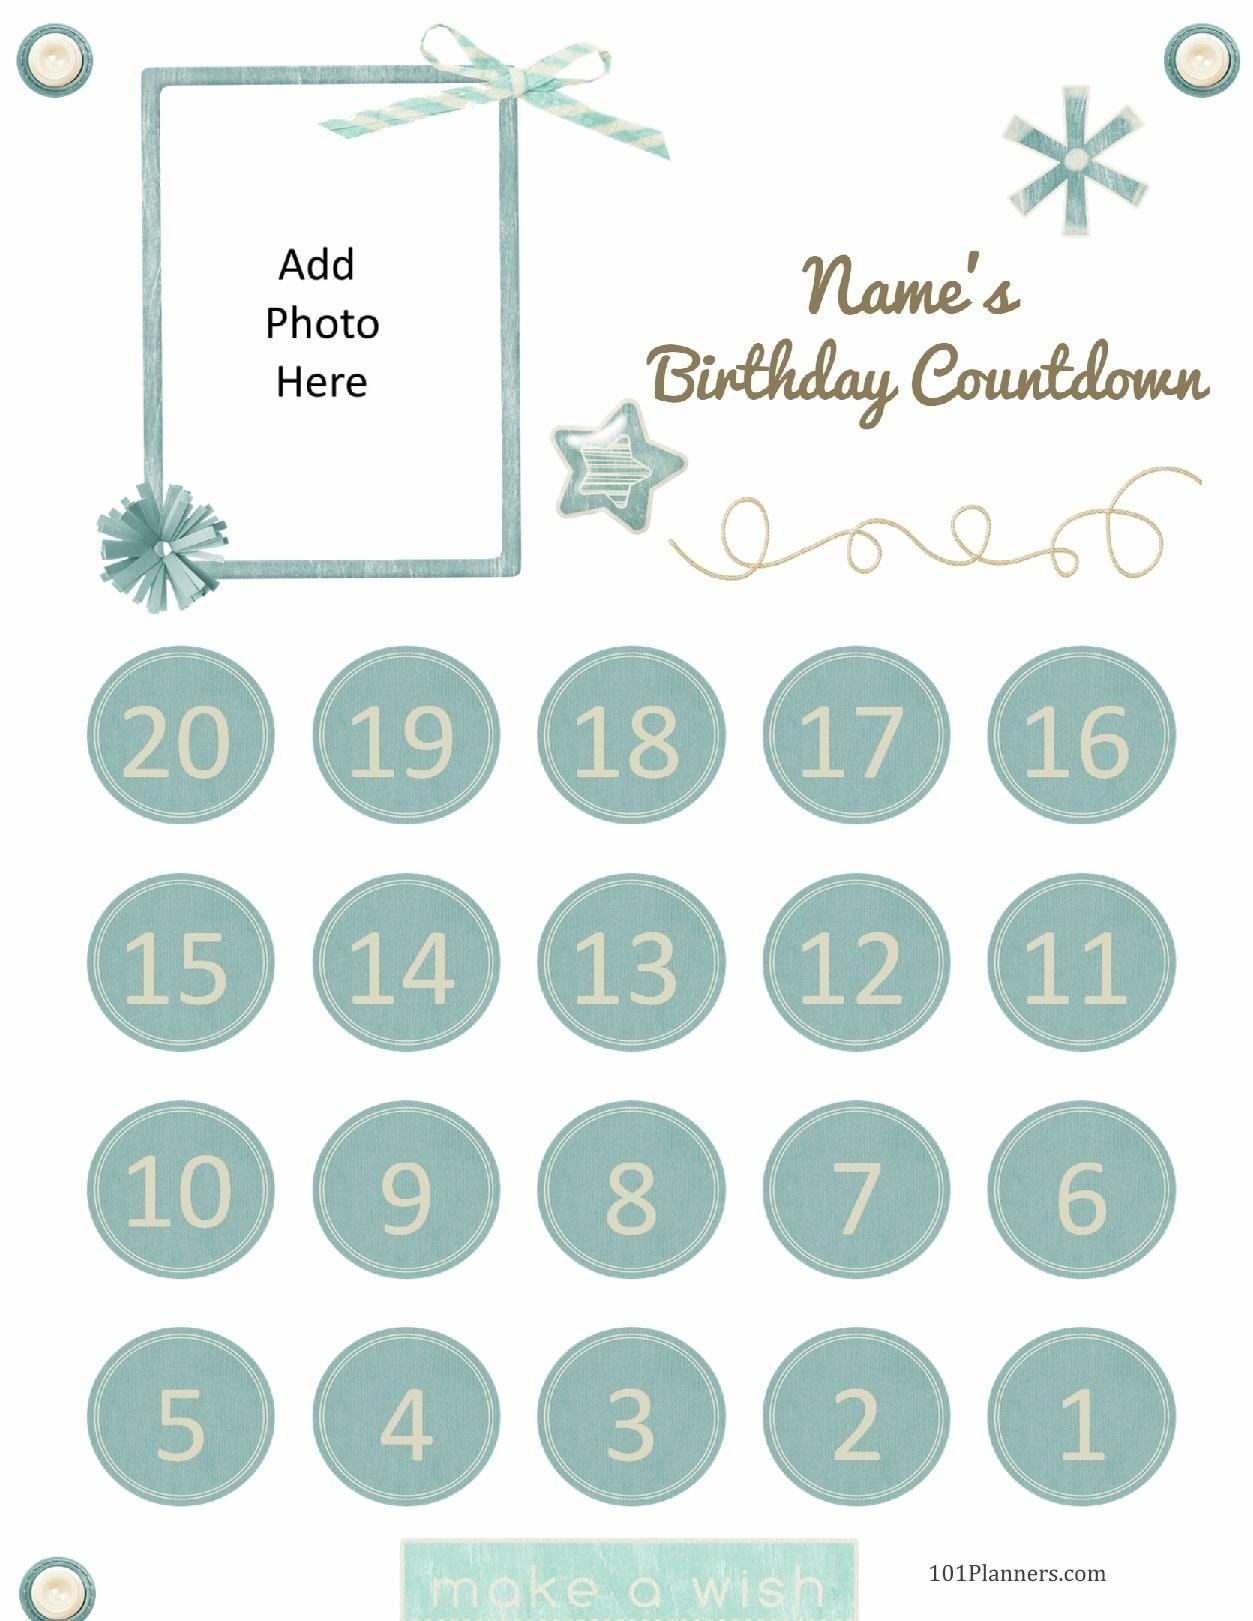 Free Printable Birthday Countdown   Customize Online Free Countdown Birthday Calendar Printable